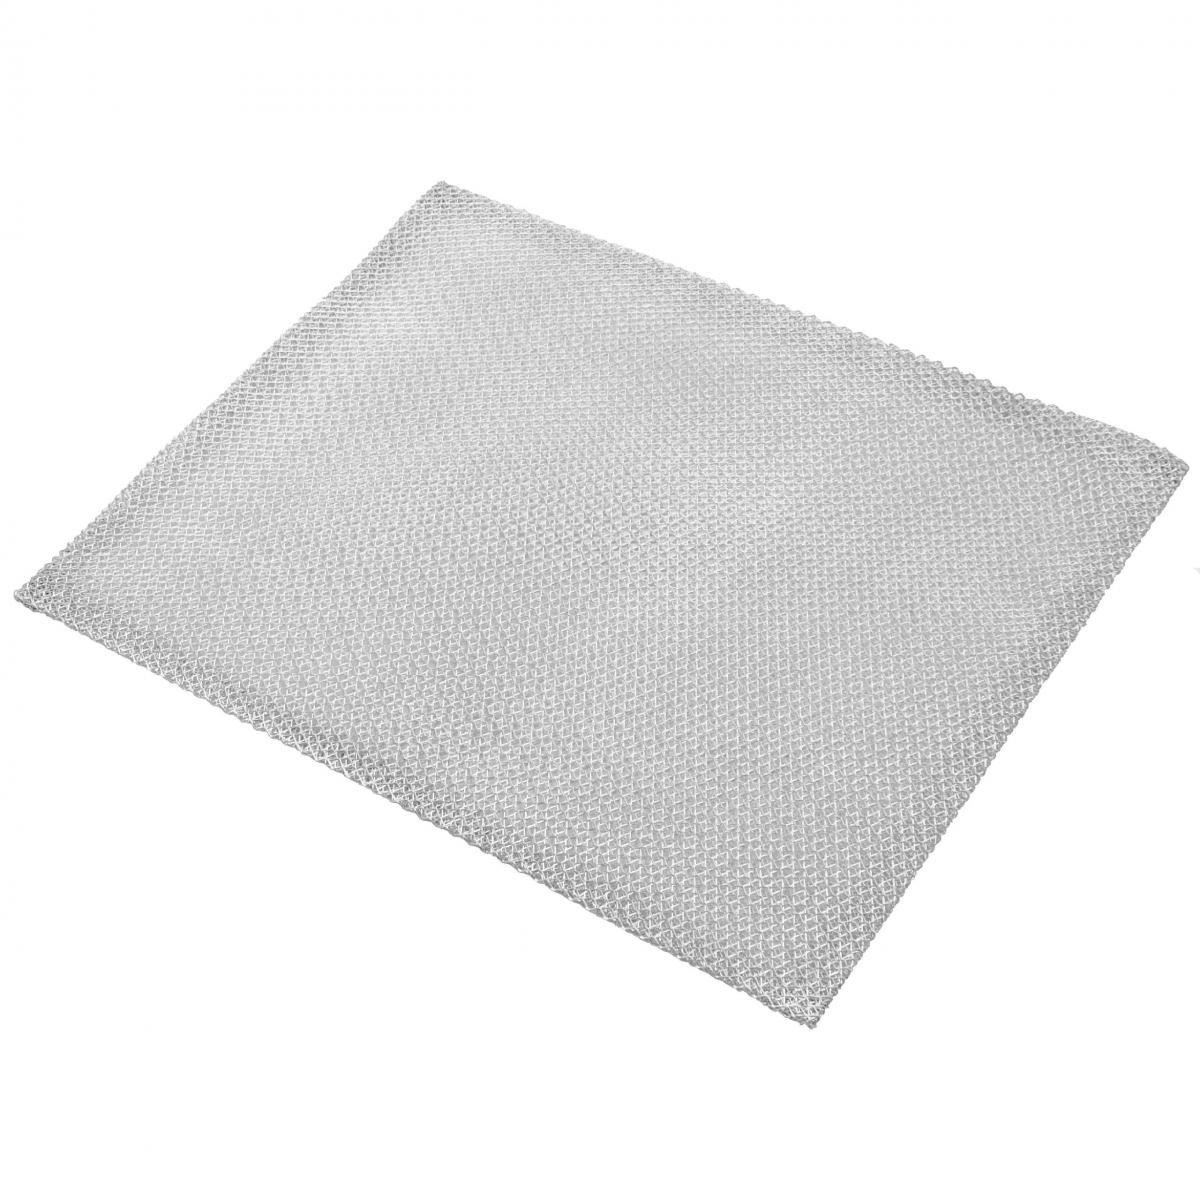 Vhbw vhbw Filtrepermanent filtre à graisse métallique 30 x 23,6 x 0,3cm convient pour Whirlpool AKR 673 857867301120 hottes d